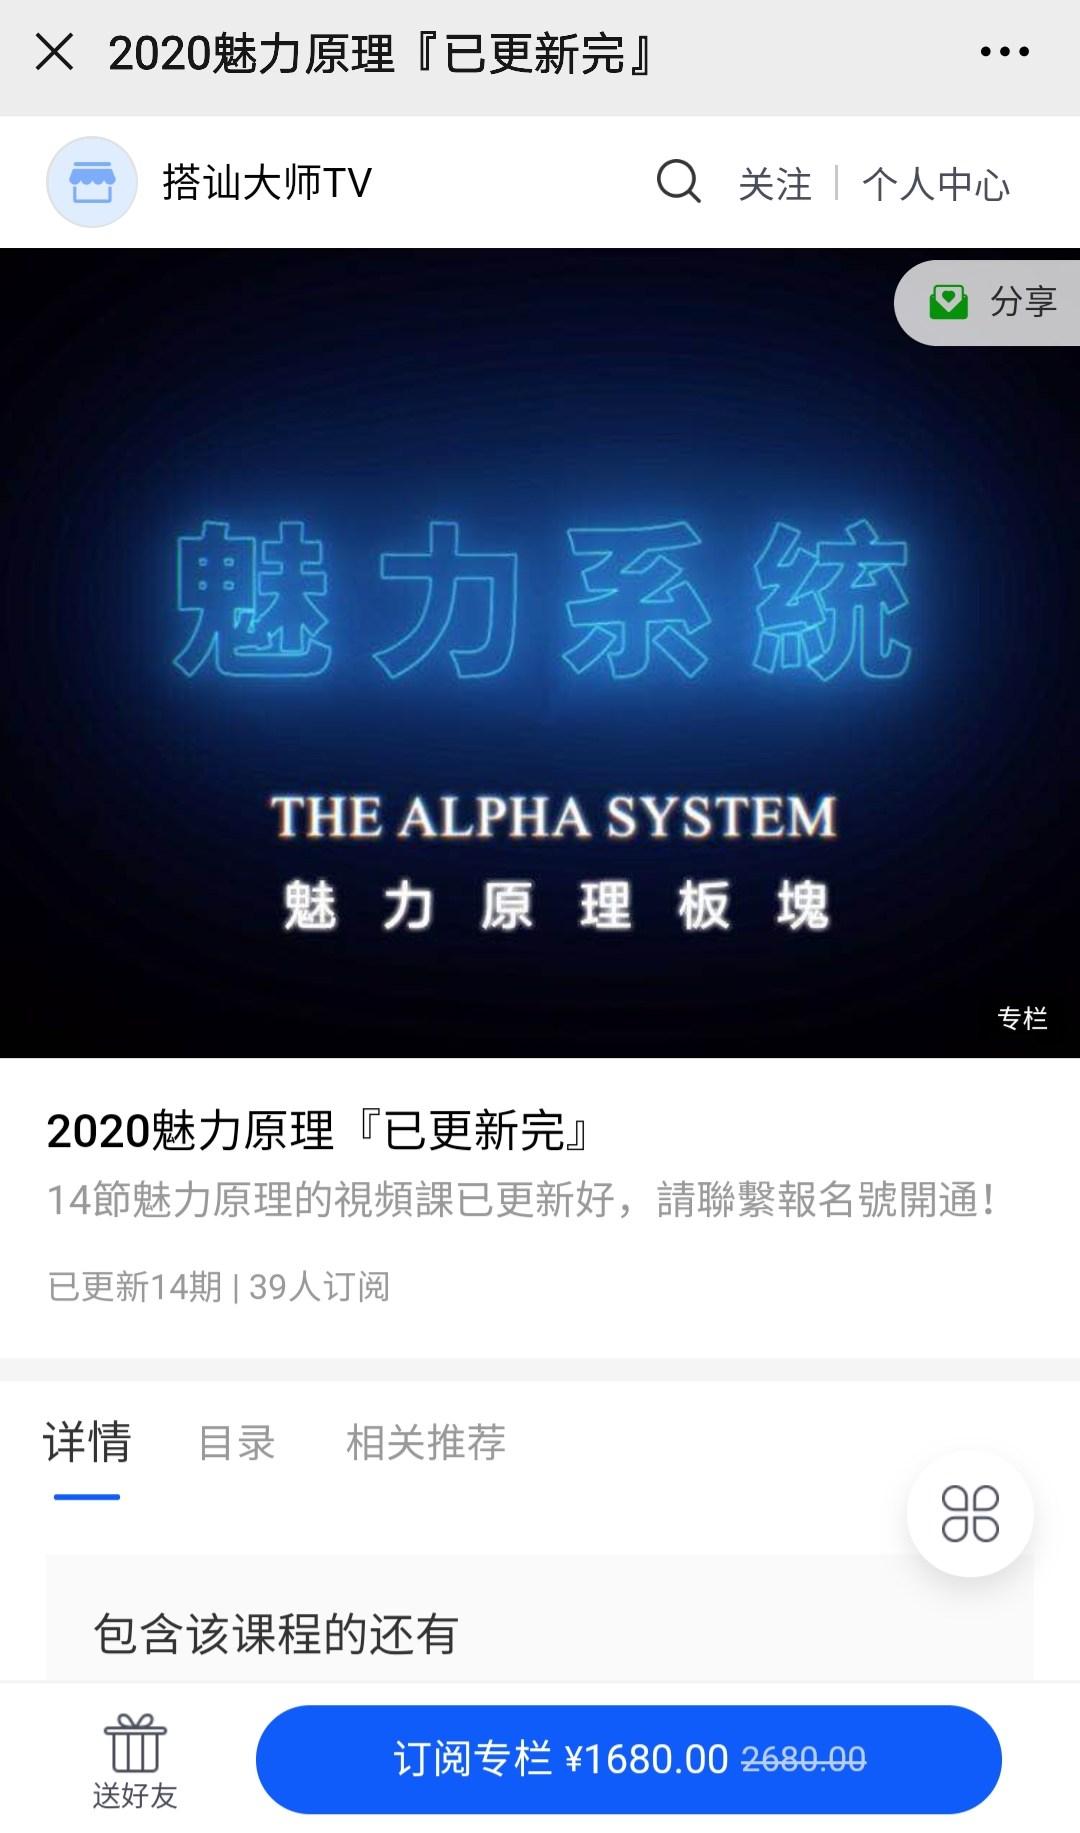 chris良叔alpha2020魅力原理『已更新完』价值1680